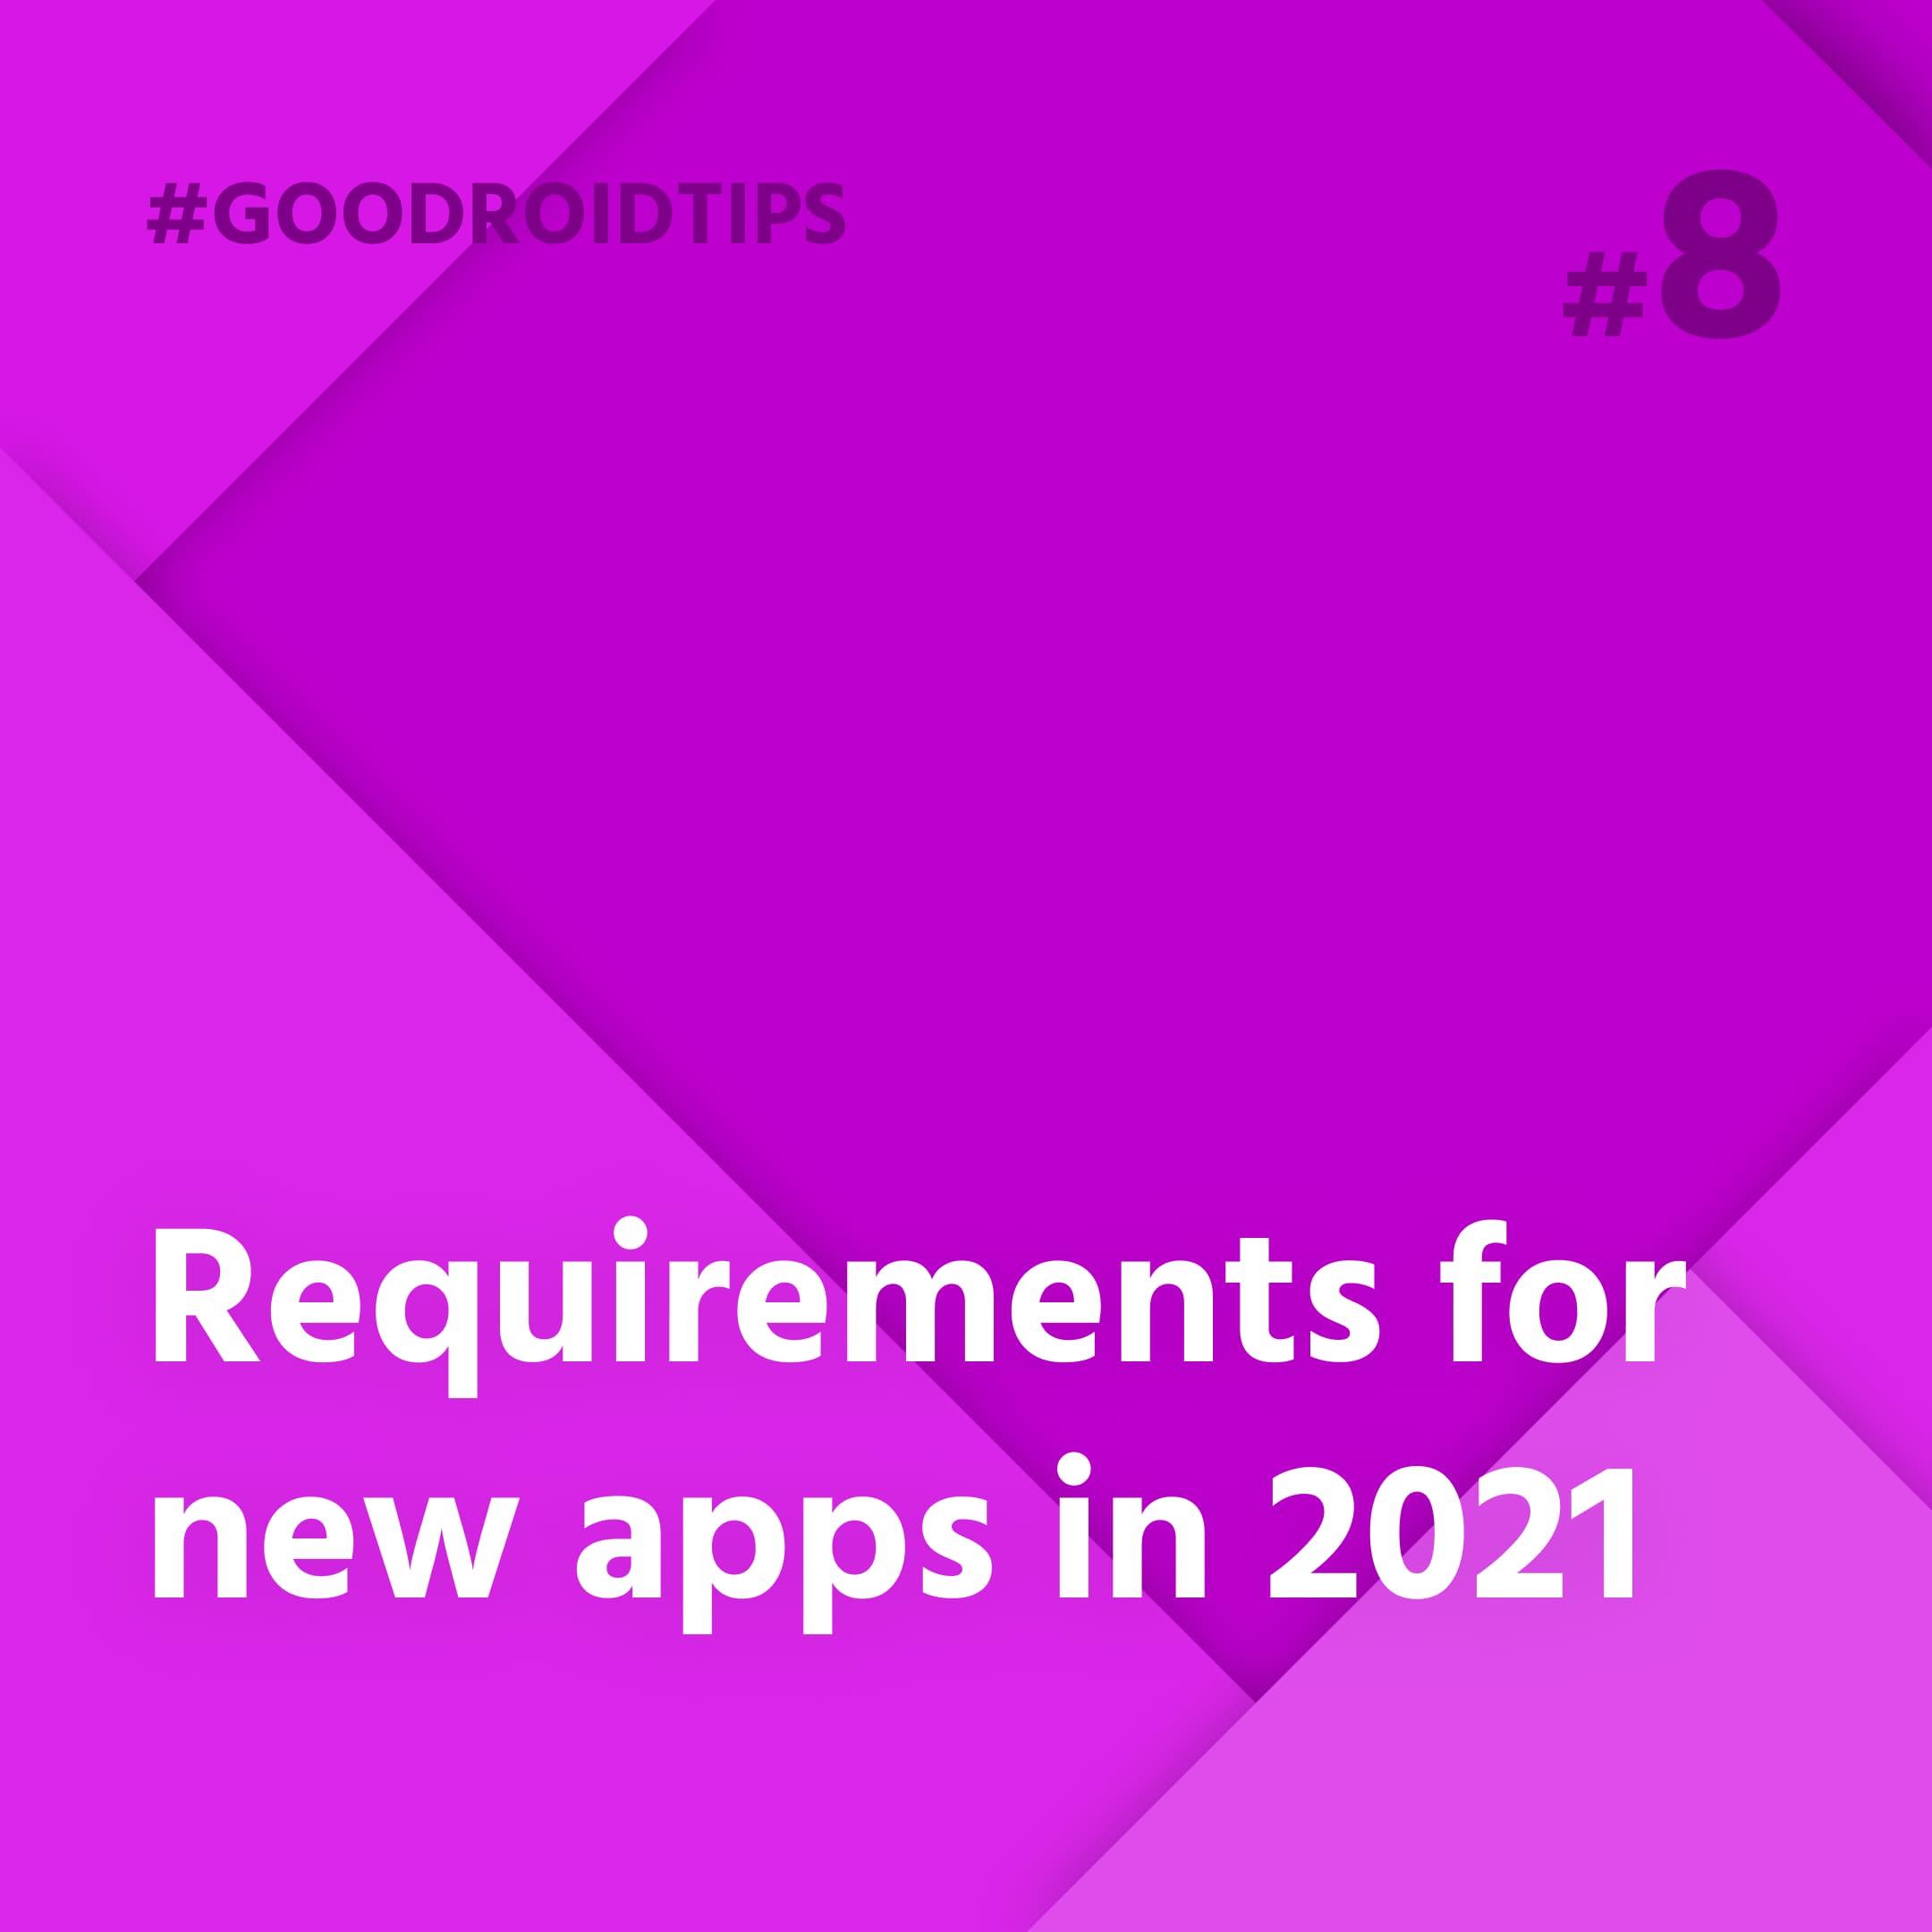 Nové požiadavky pre aplikácia v  obchode play platné od 2021